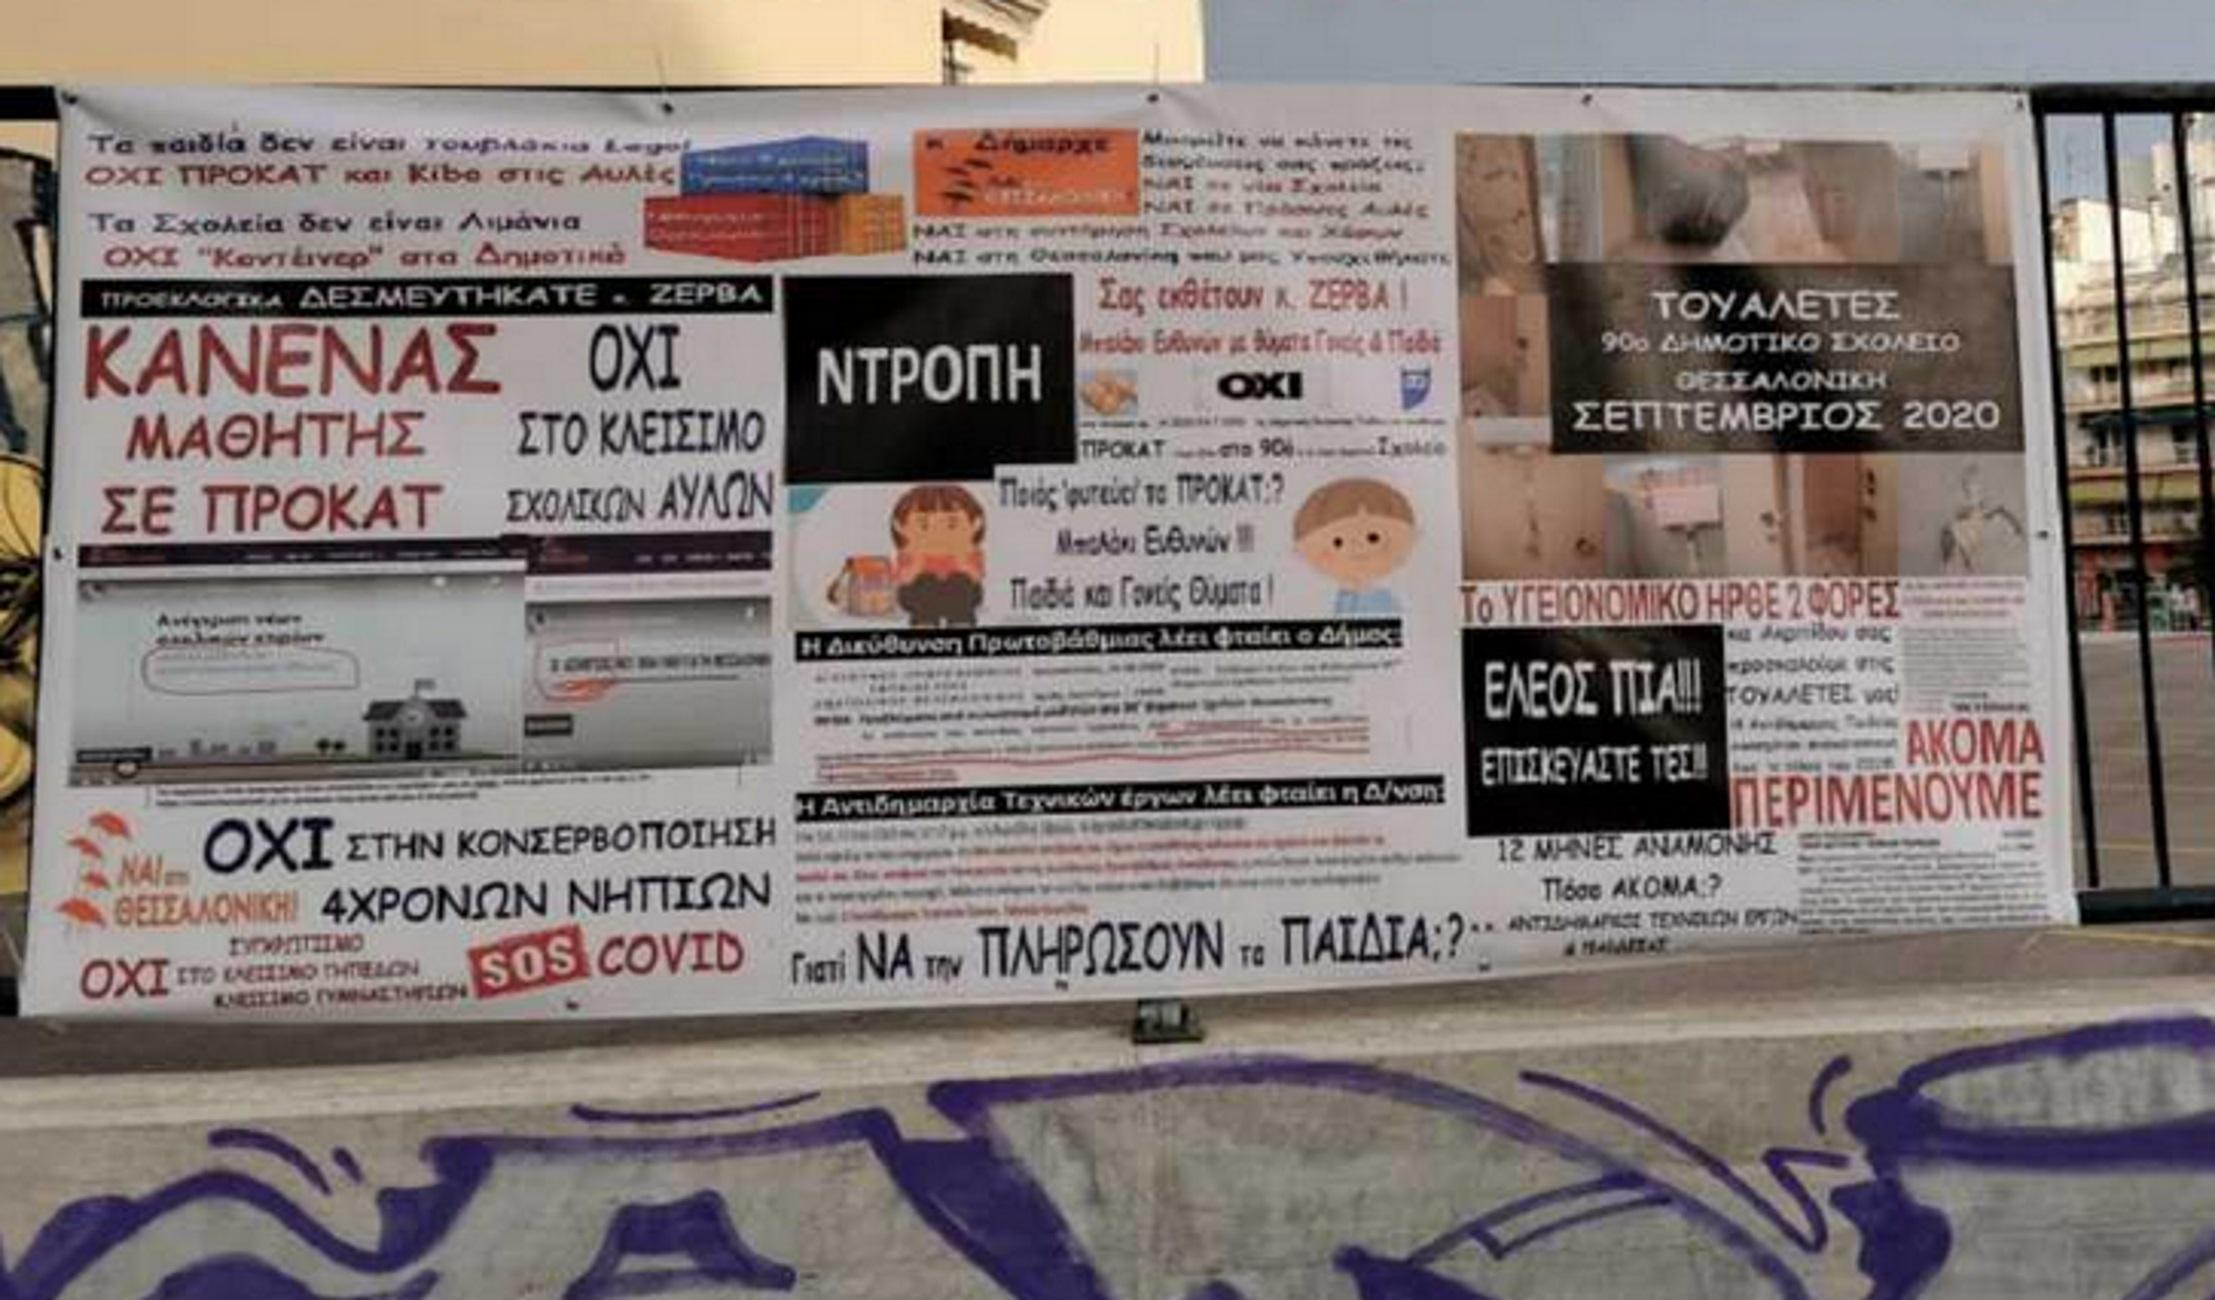 """Θεσσαλονίκη: Κρέμασαν φωτογραφίες του σχολείου στα κάγκελα για να δείξουν τα χάλια του! """"Δεν πάει άλλο"""" (Βίντεο)"""